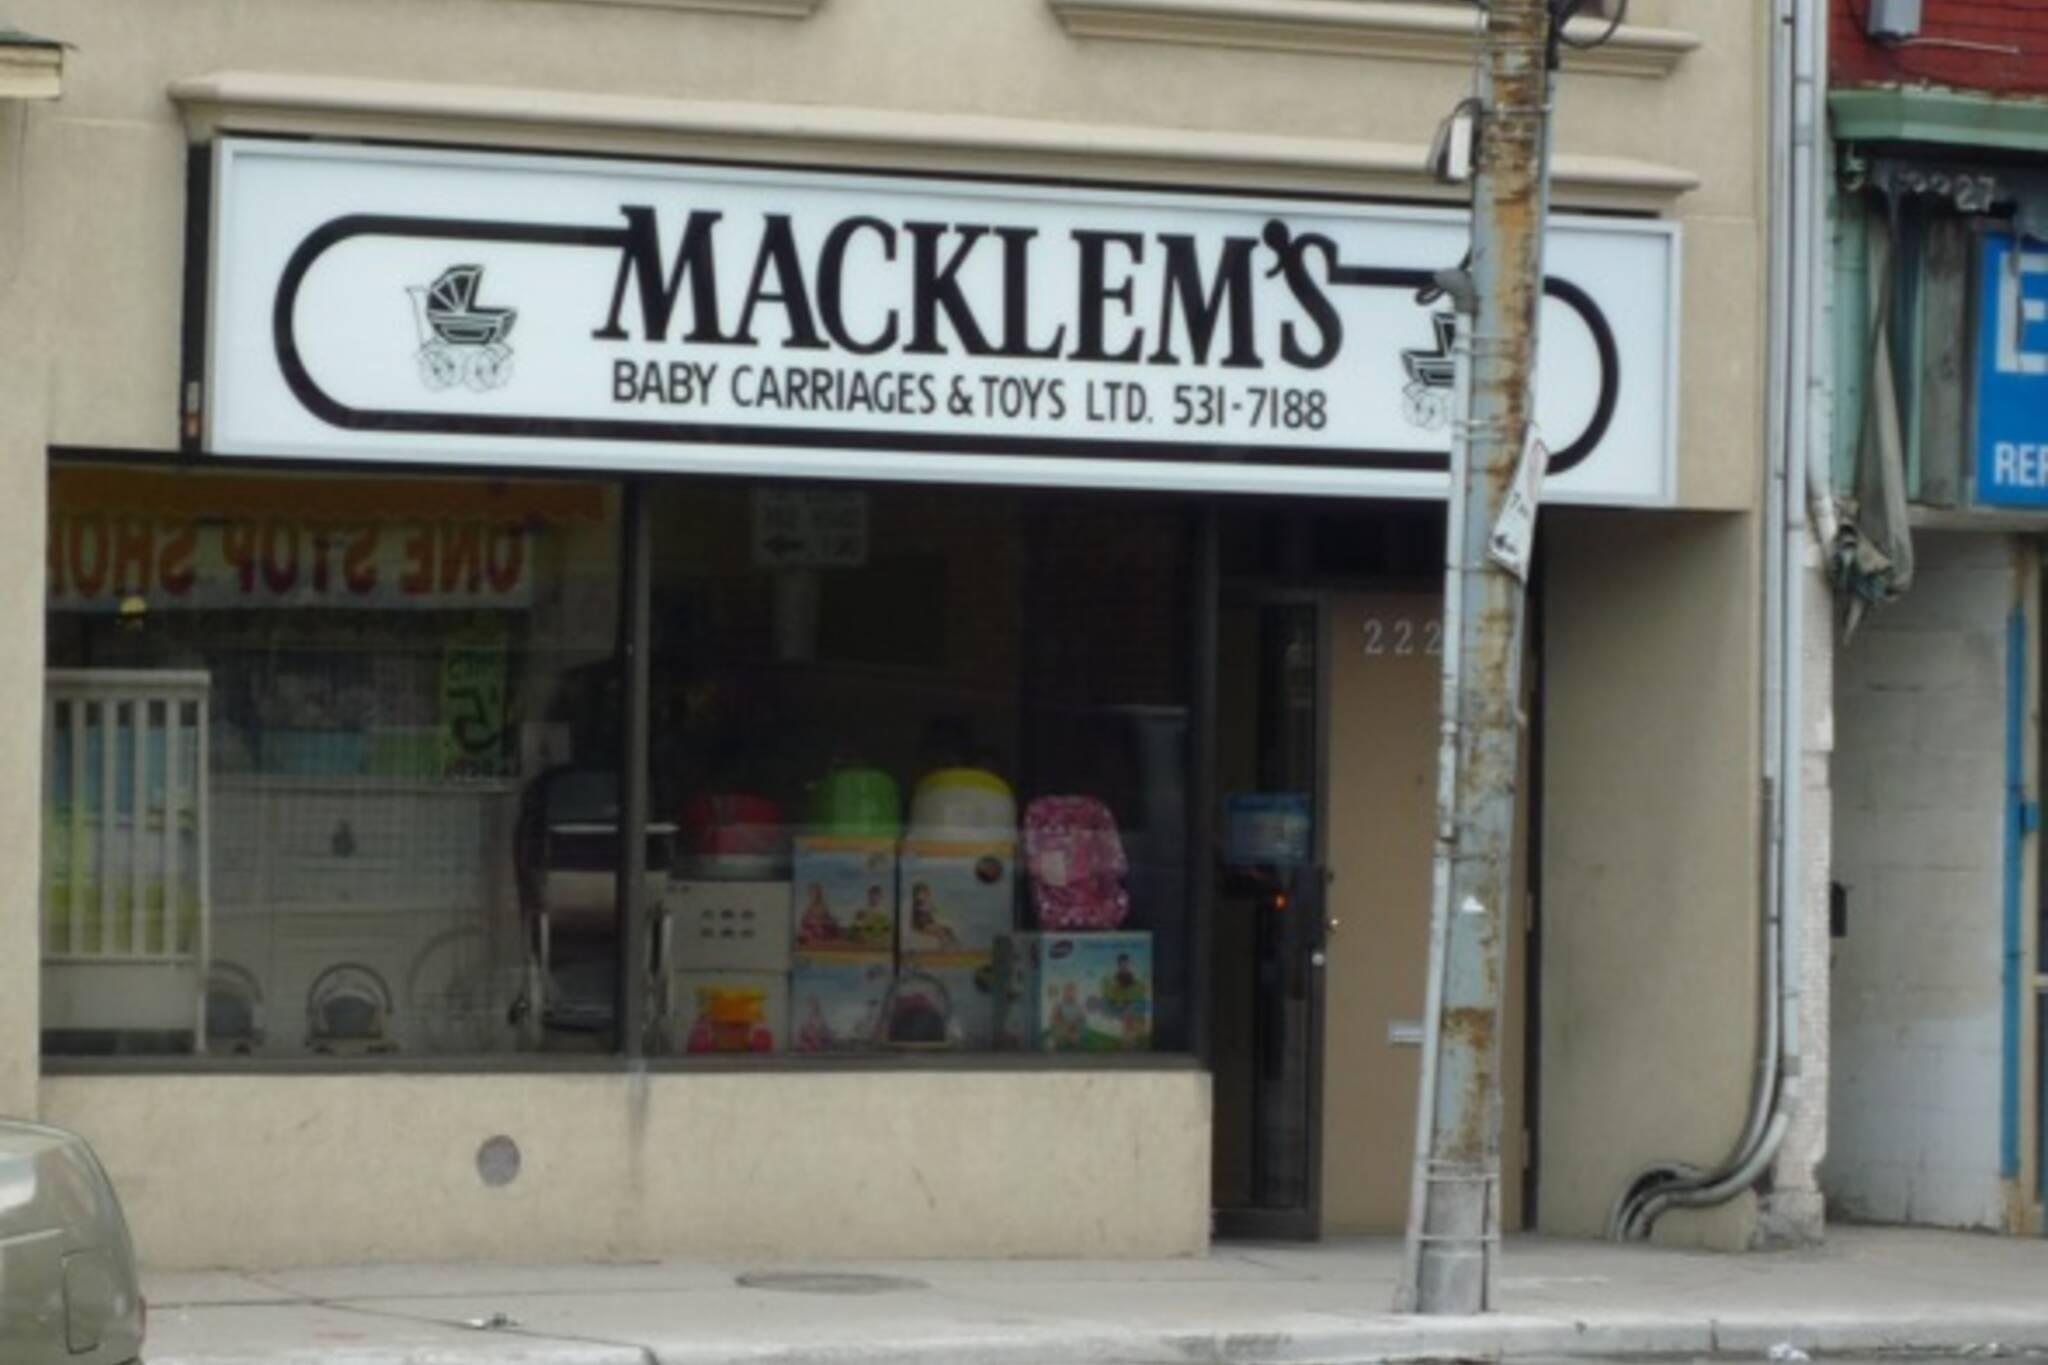 Macklem's